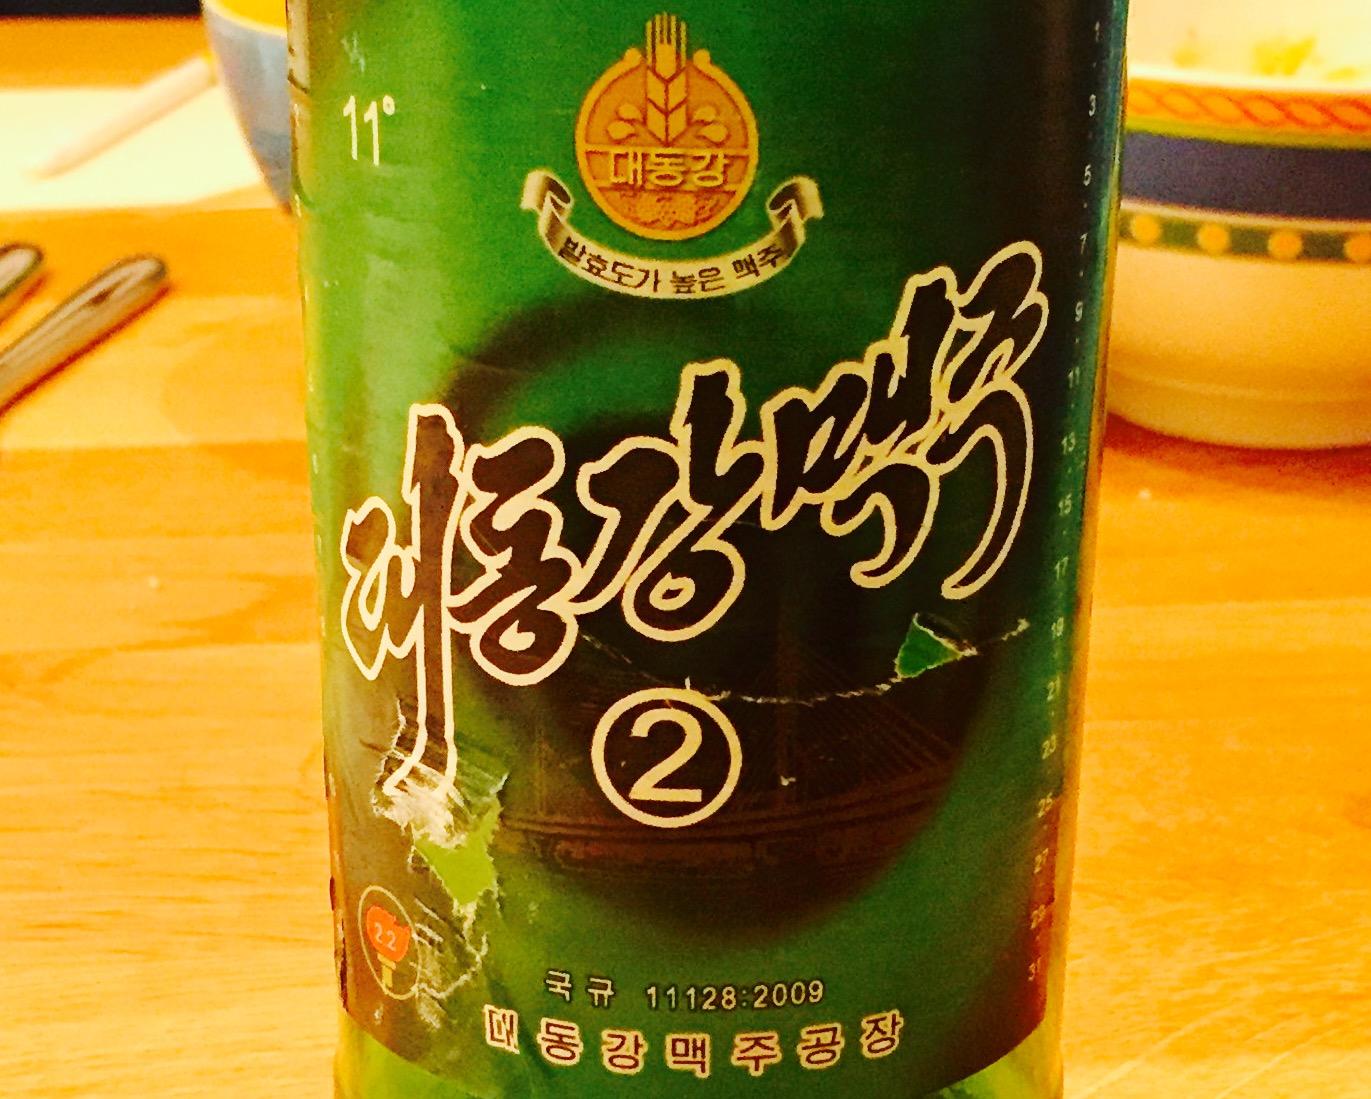 Tadeoggang Beer